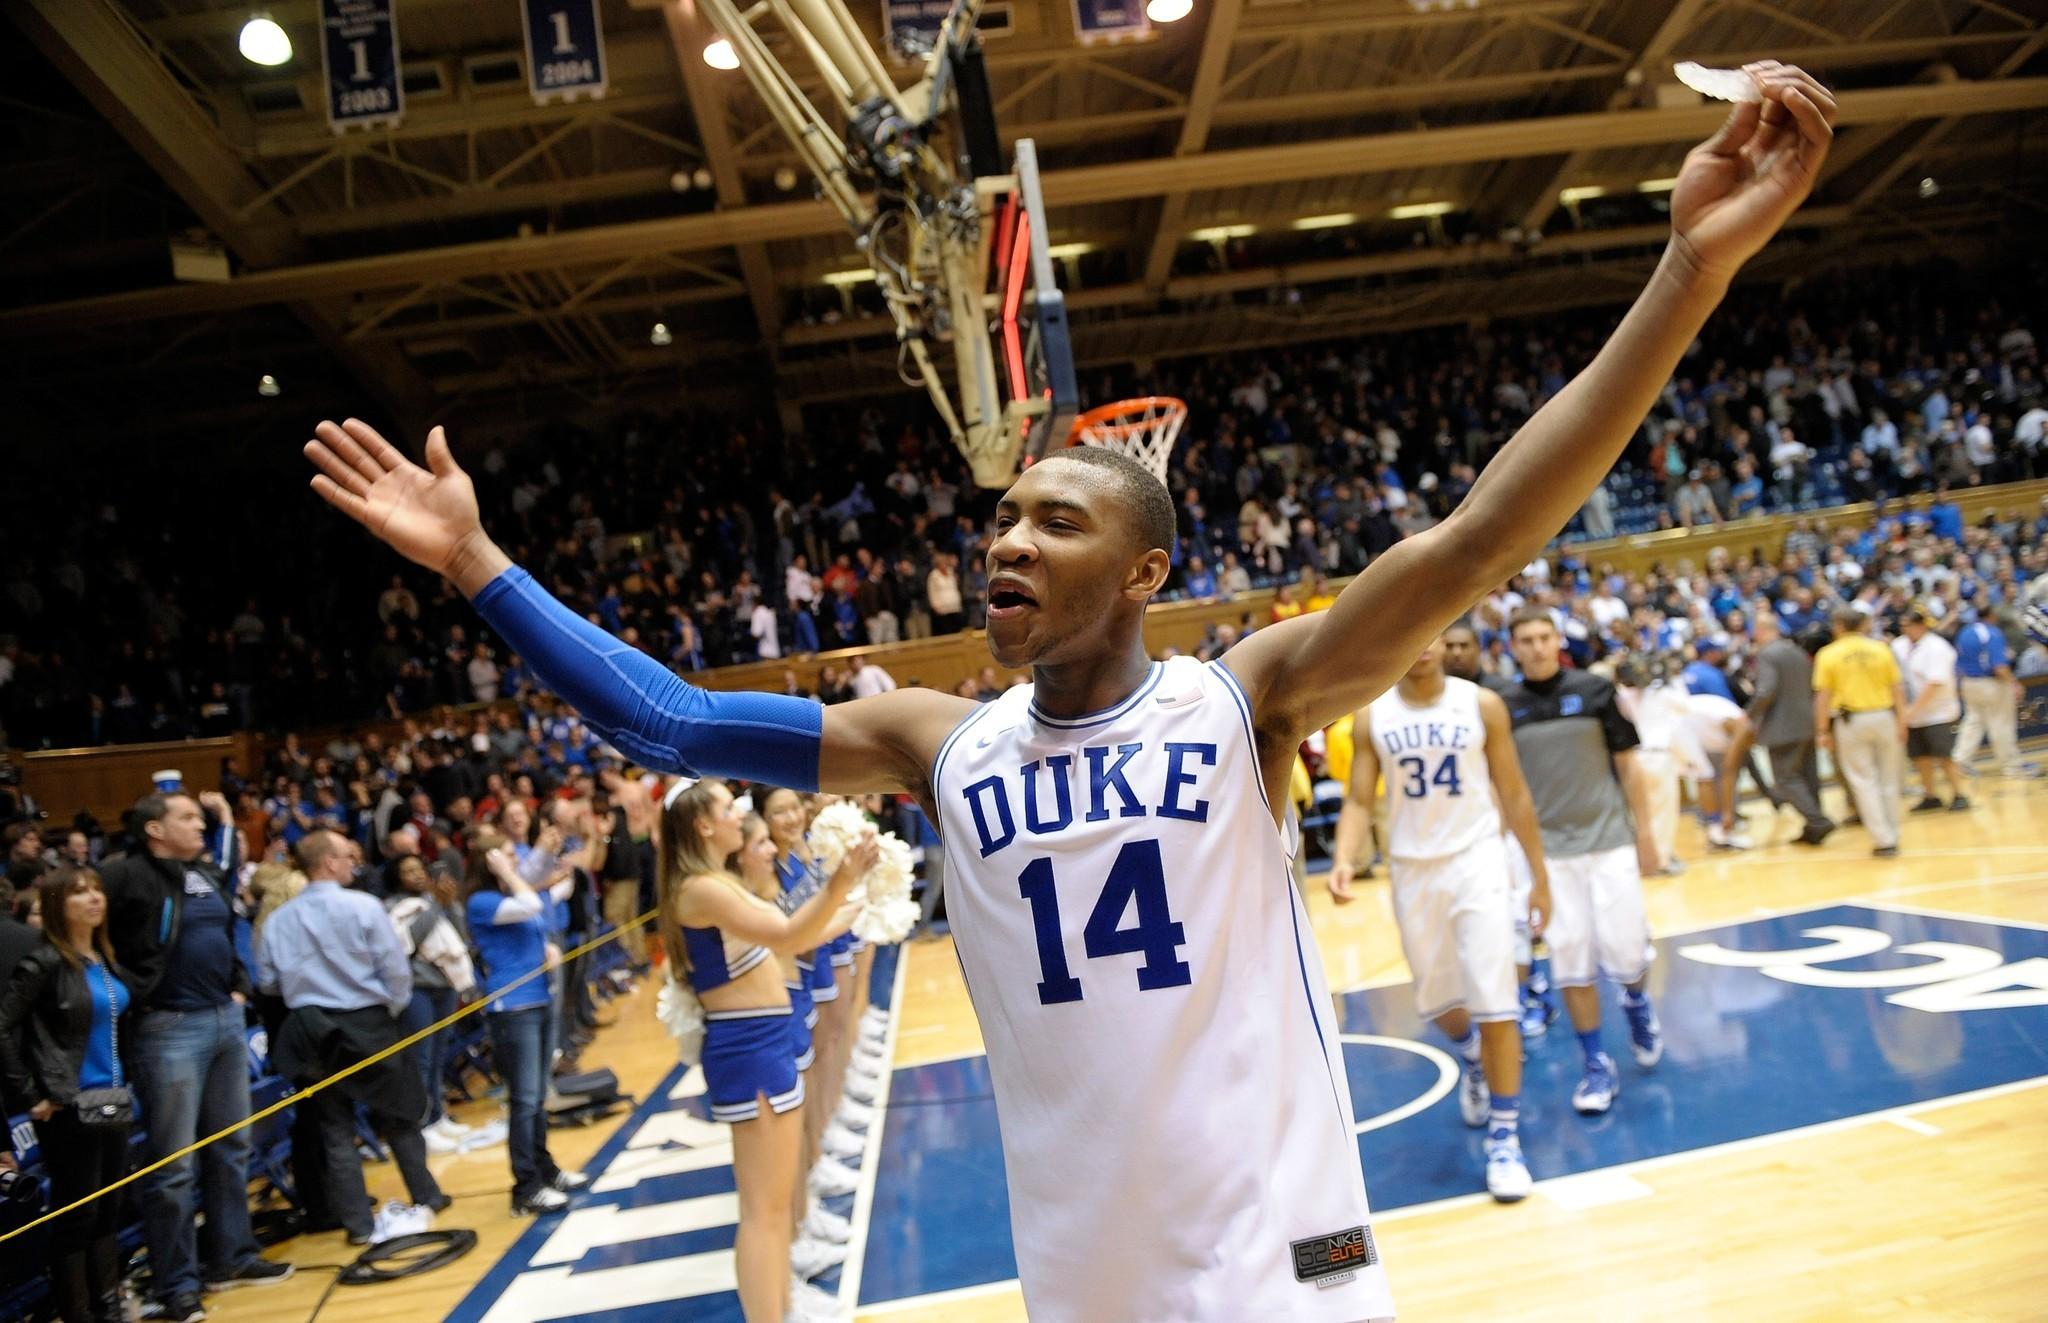 duke basketball - photo #30